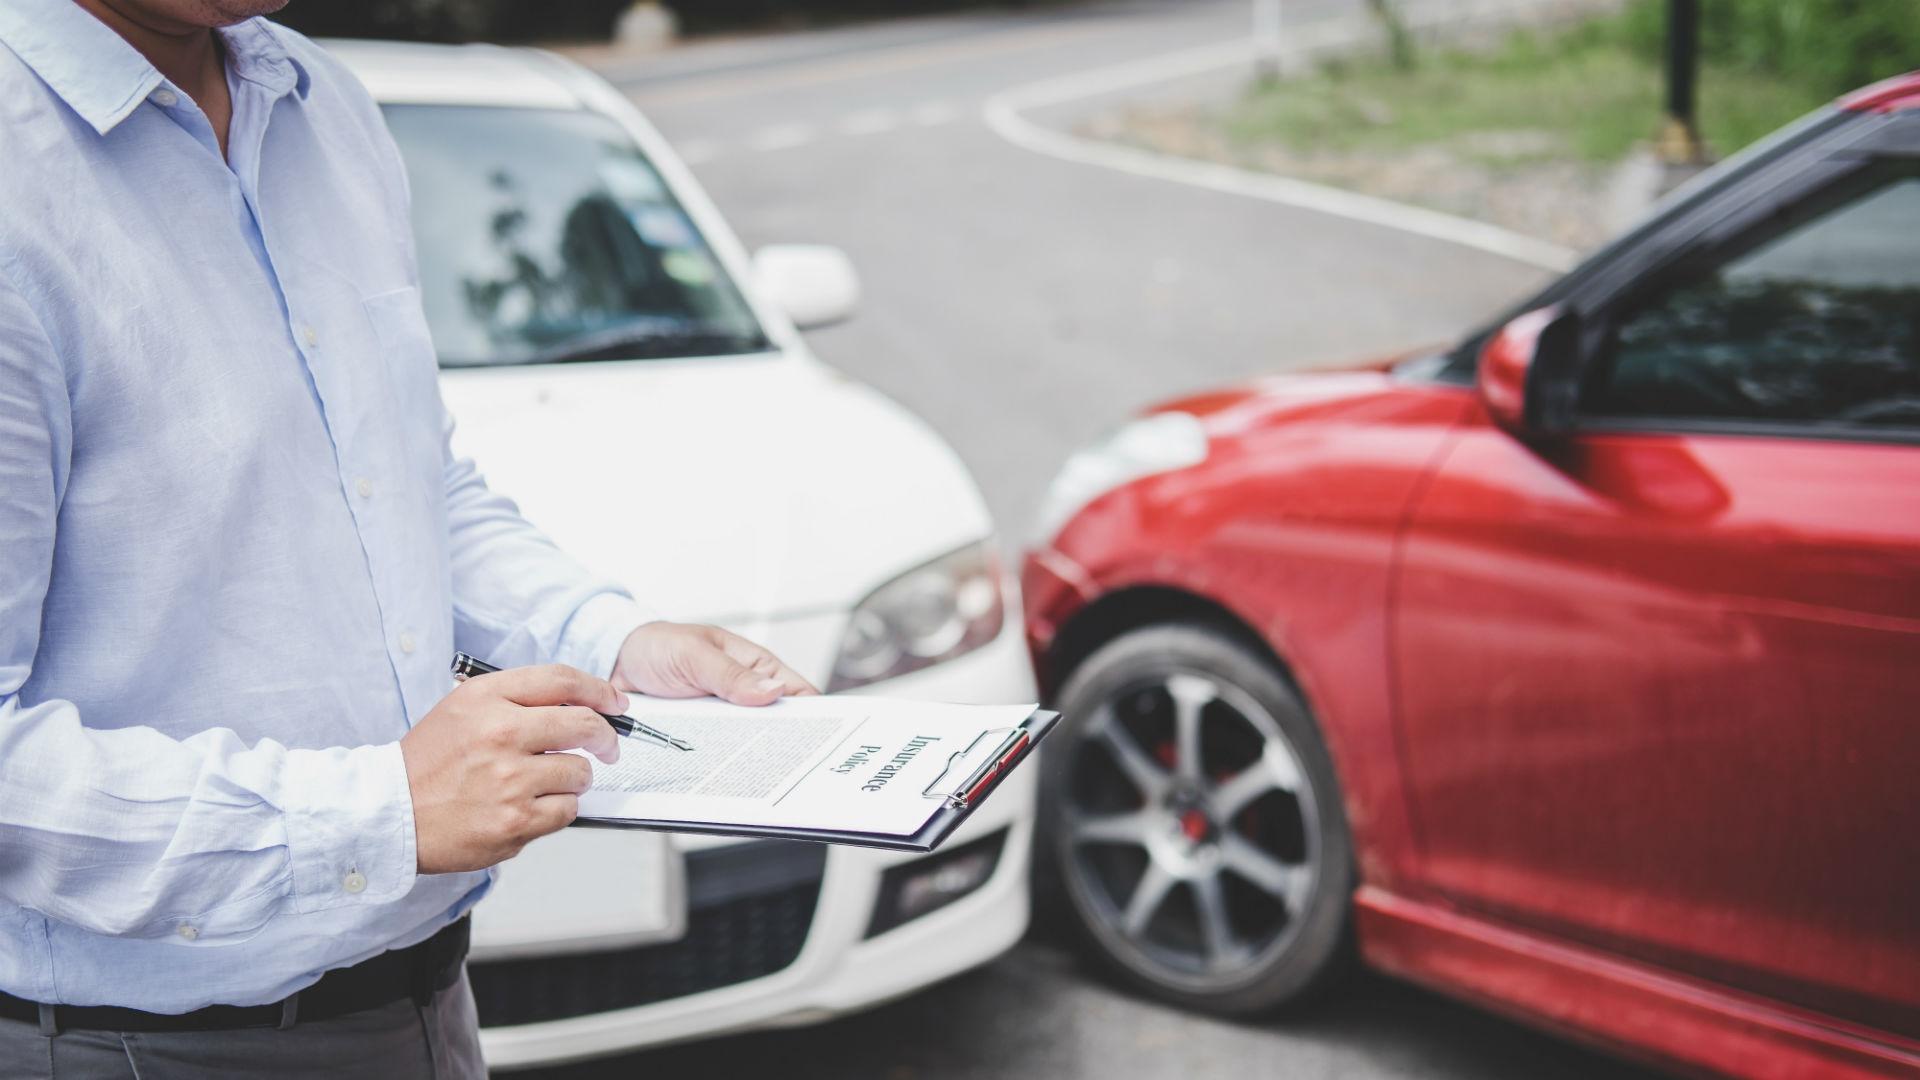 Ôtô bị tổn thất vật chất khi đang tham gia giao thông, chủ xe sẽ không được hưởng bồi thường bảo hiểm. Ảnh: Motoring Research.